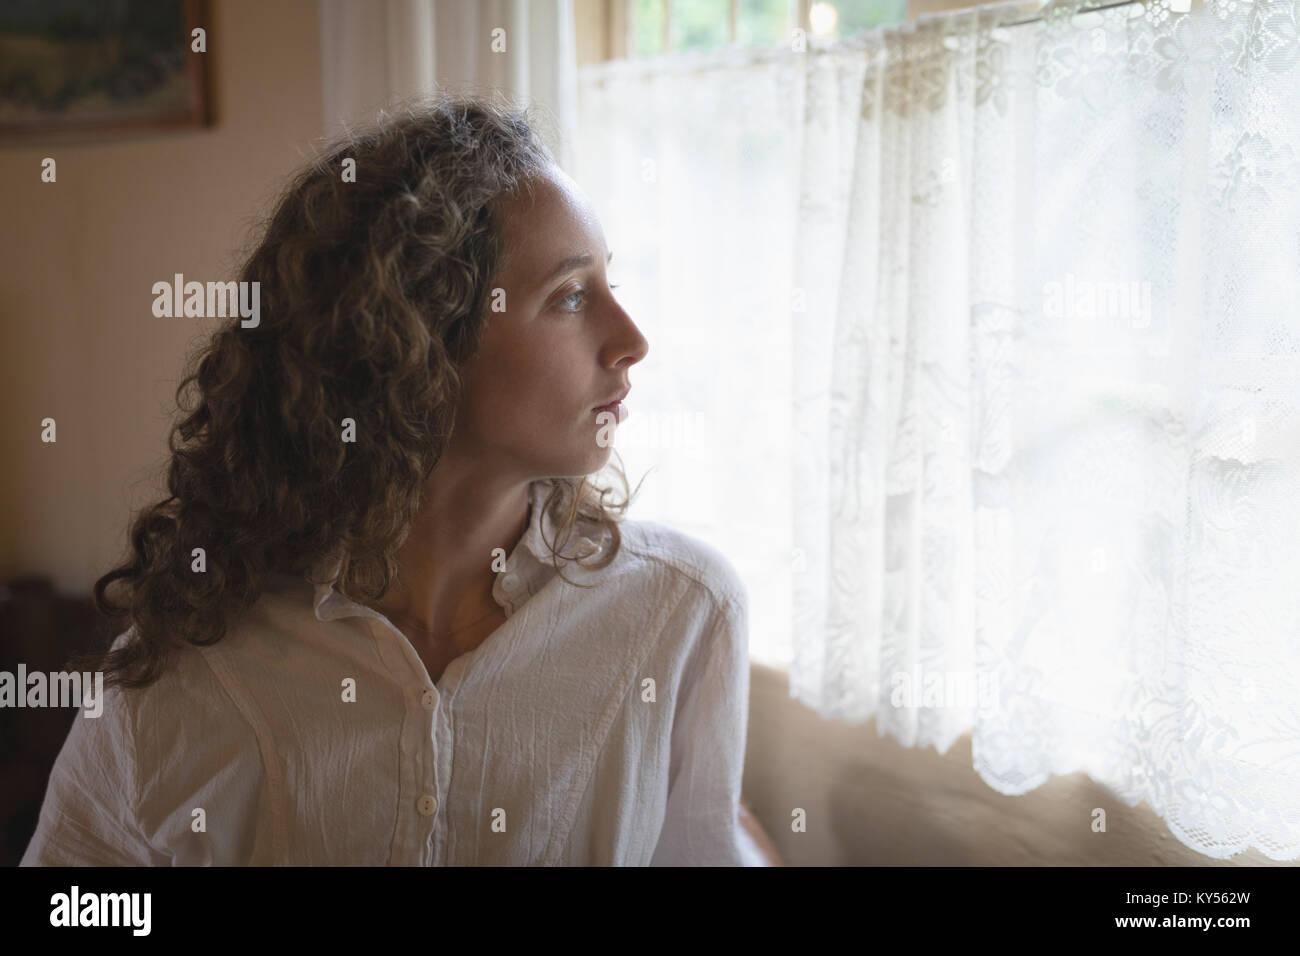 Donna che guarda attraverso la finestra nella stanza vivente Immagini Stock